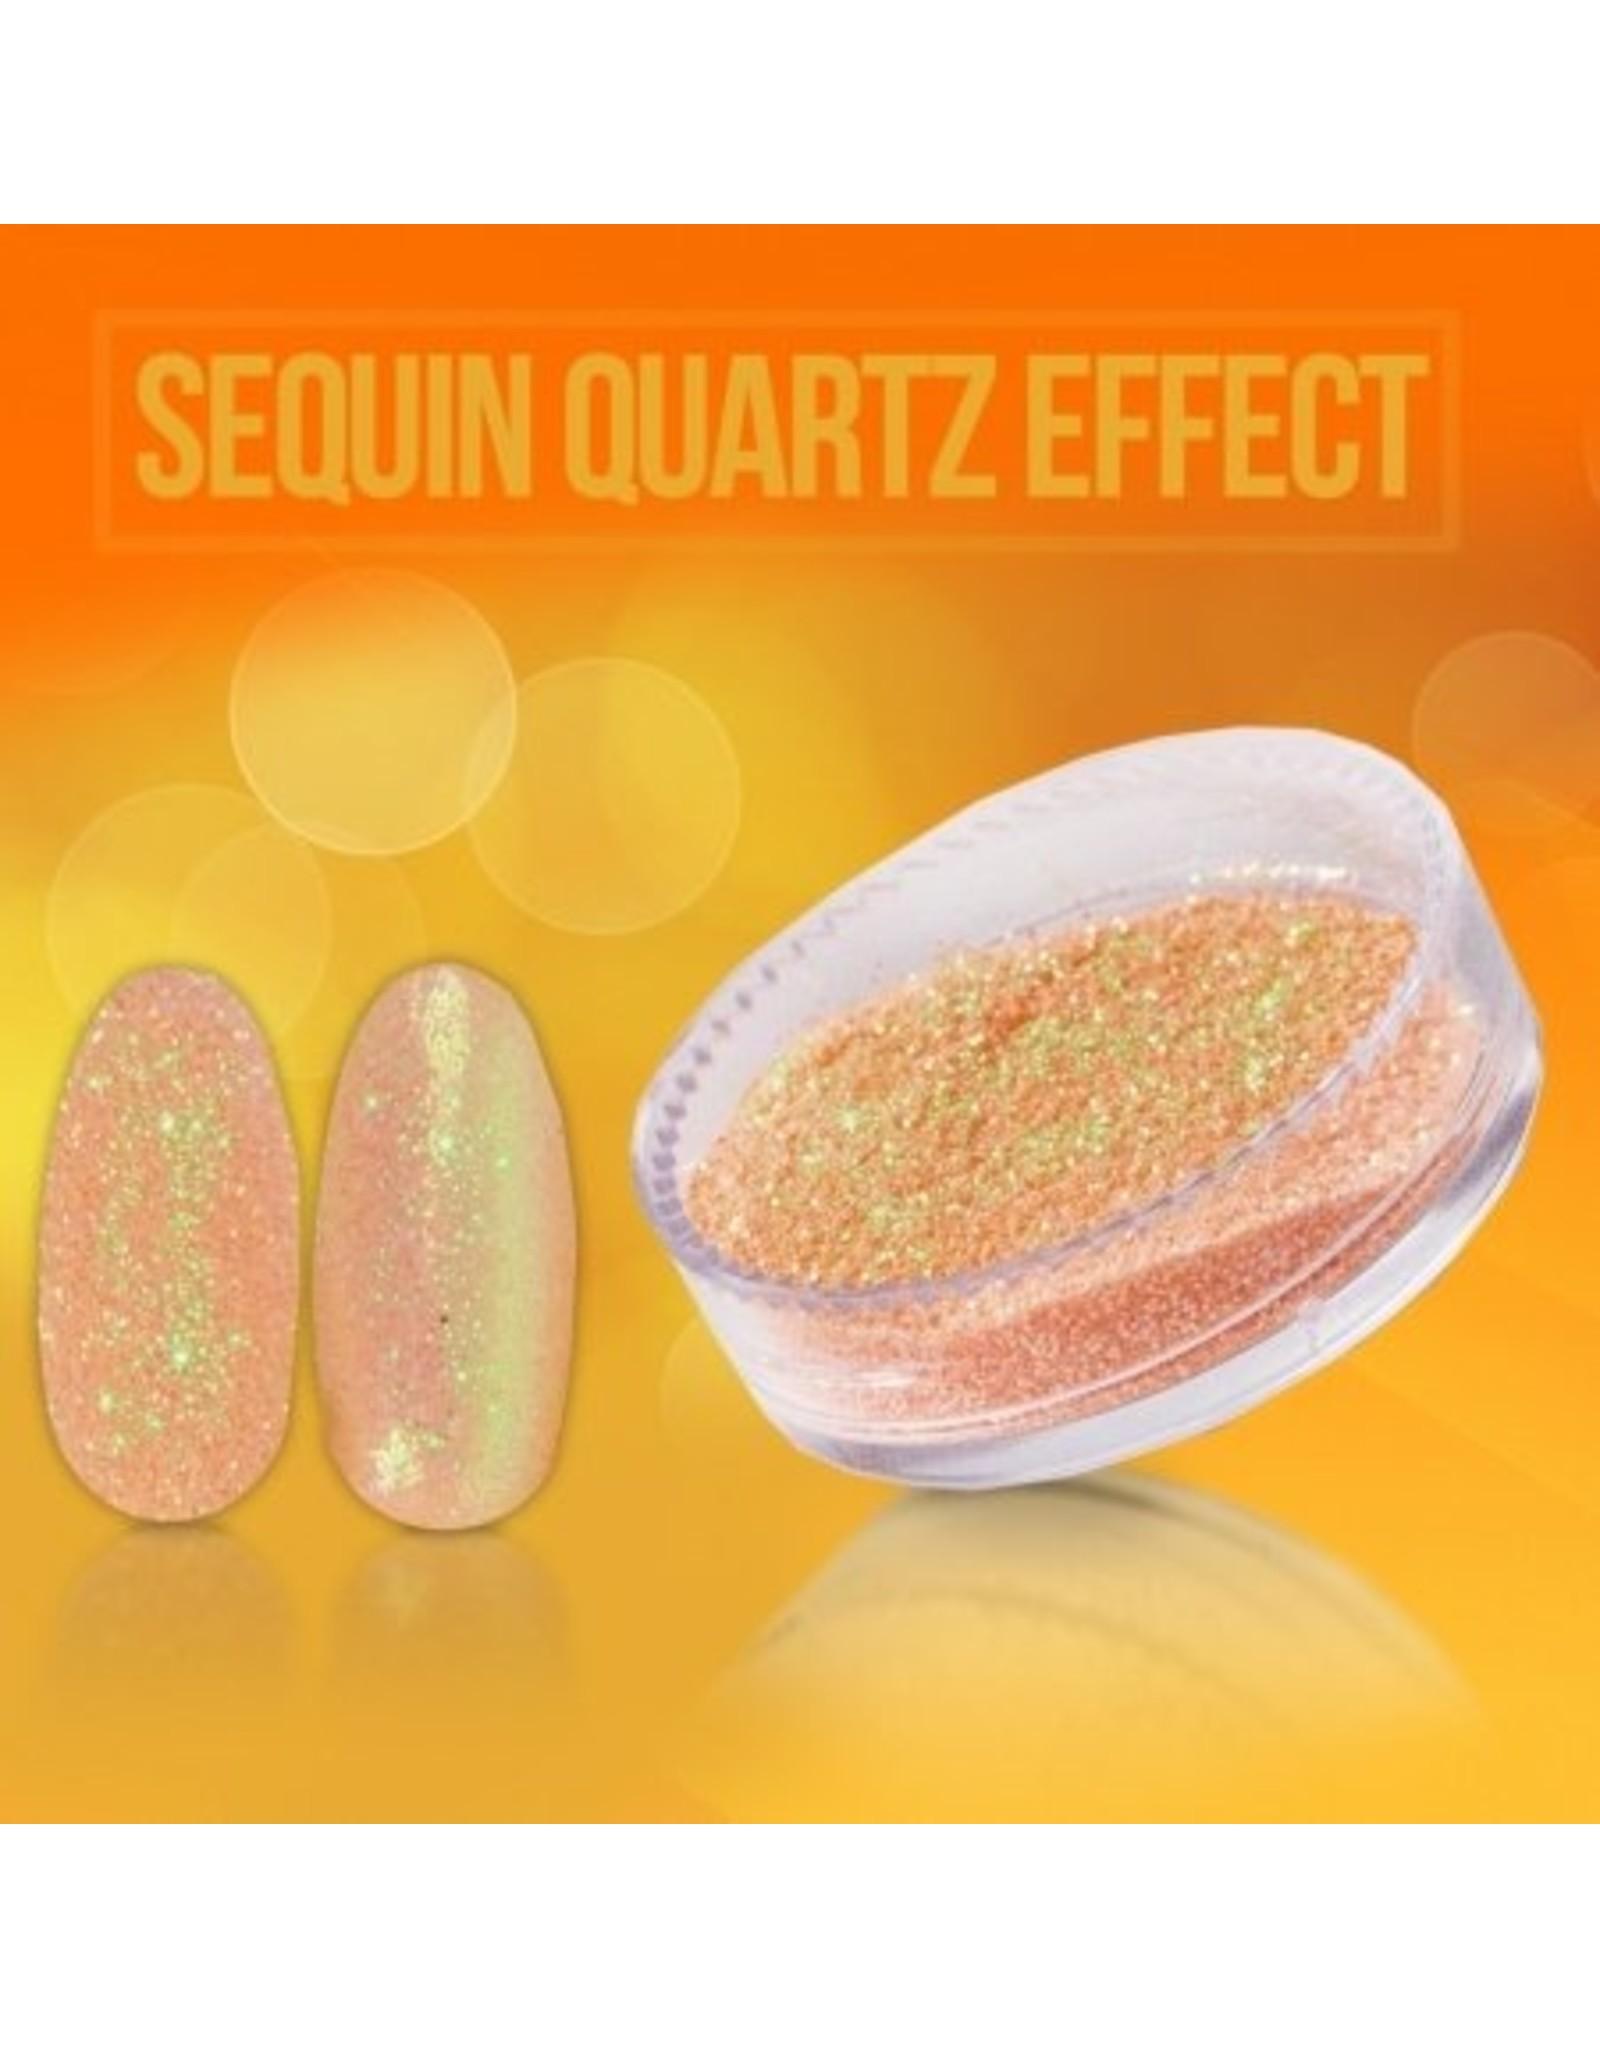 Merkloos Seaquin Quarts effect - Malibu